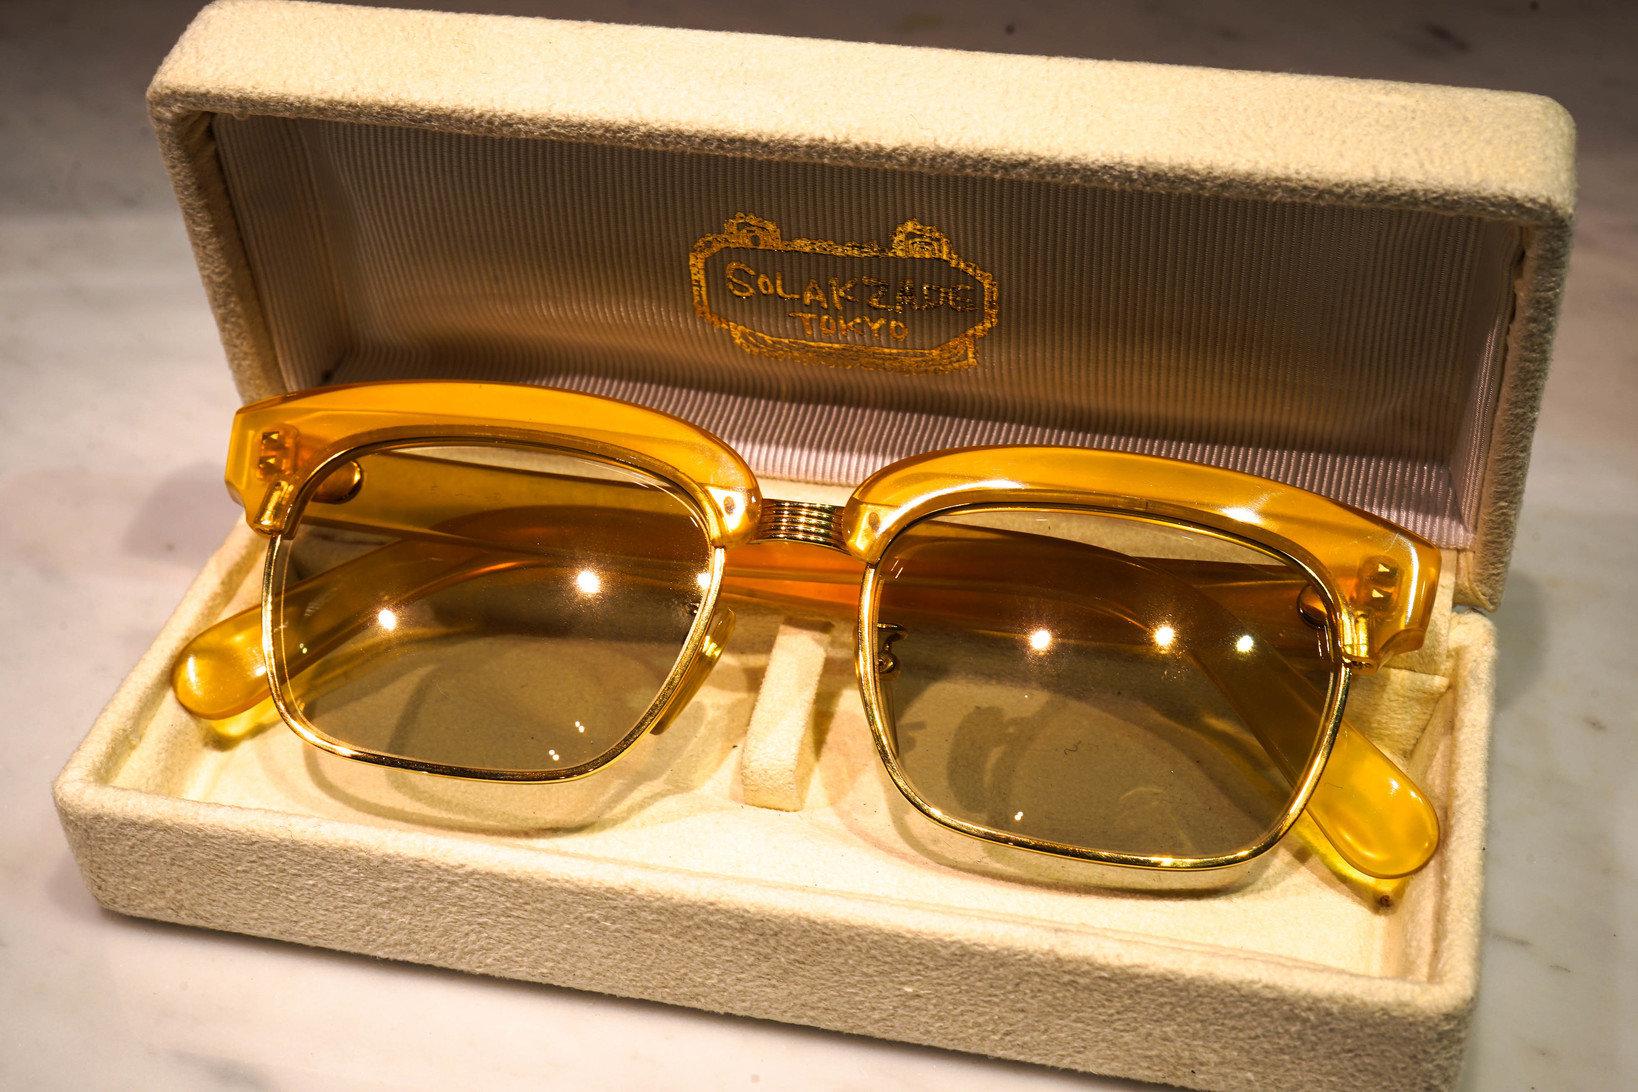 白鼈甲フレームのメガネ。提供:ソラックザーデ